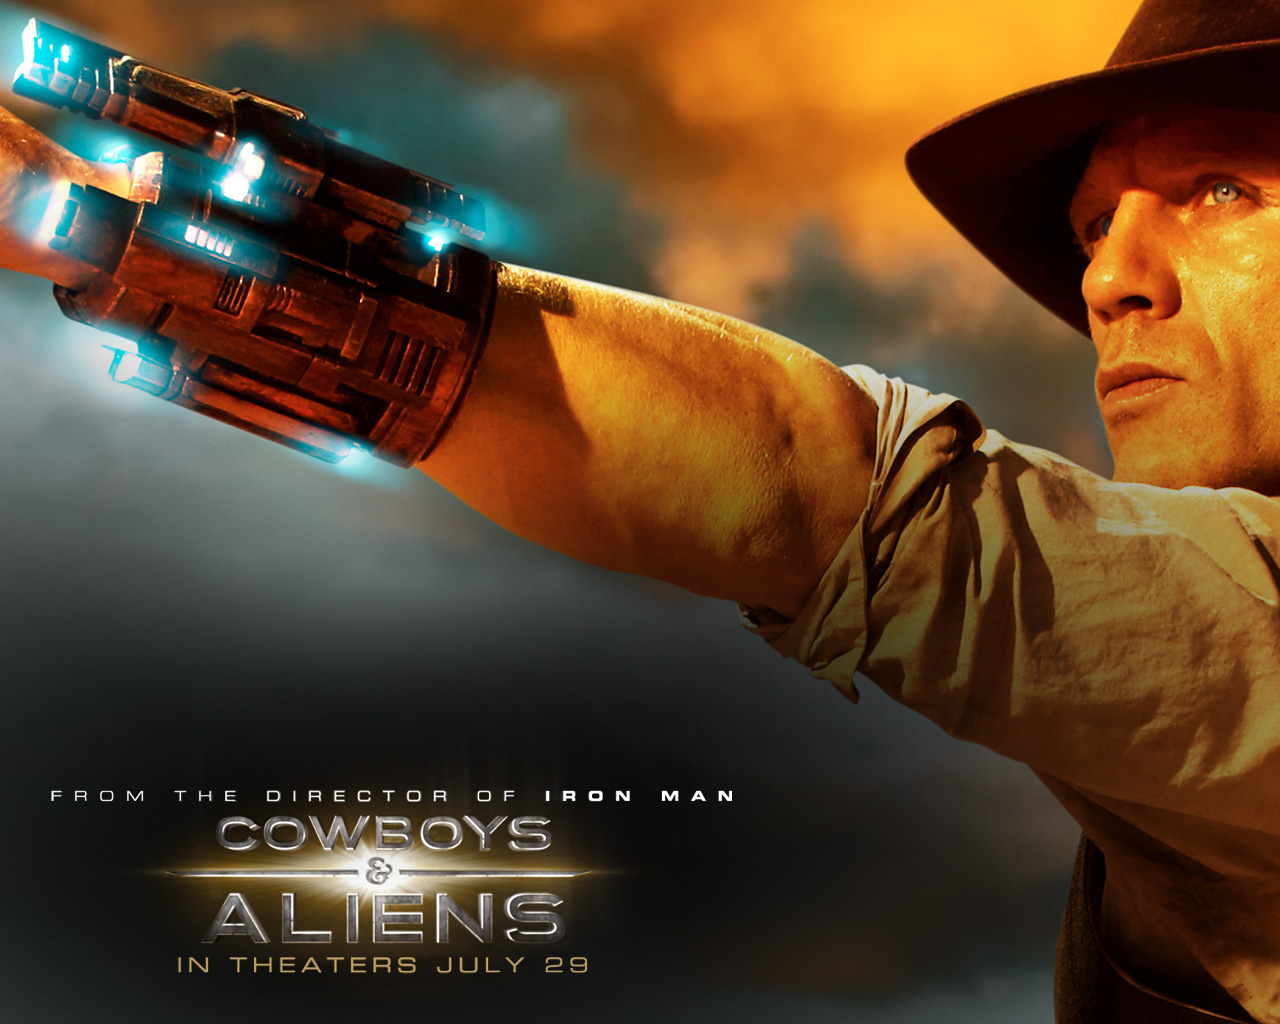 http://2.bp.blogspot.com/-lR8sEzWpFVA/TkLY8f3-N4I/AAAAAAAAC3g/wf1Kesf3c1Q/s1600/Cowboys-and-Aliens-HD-2.jpg